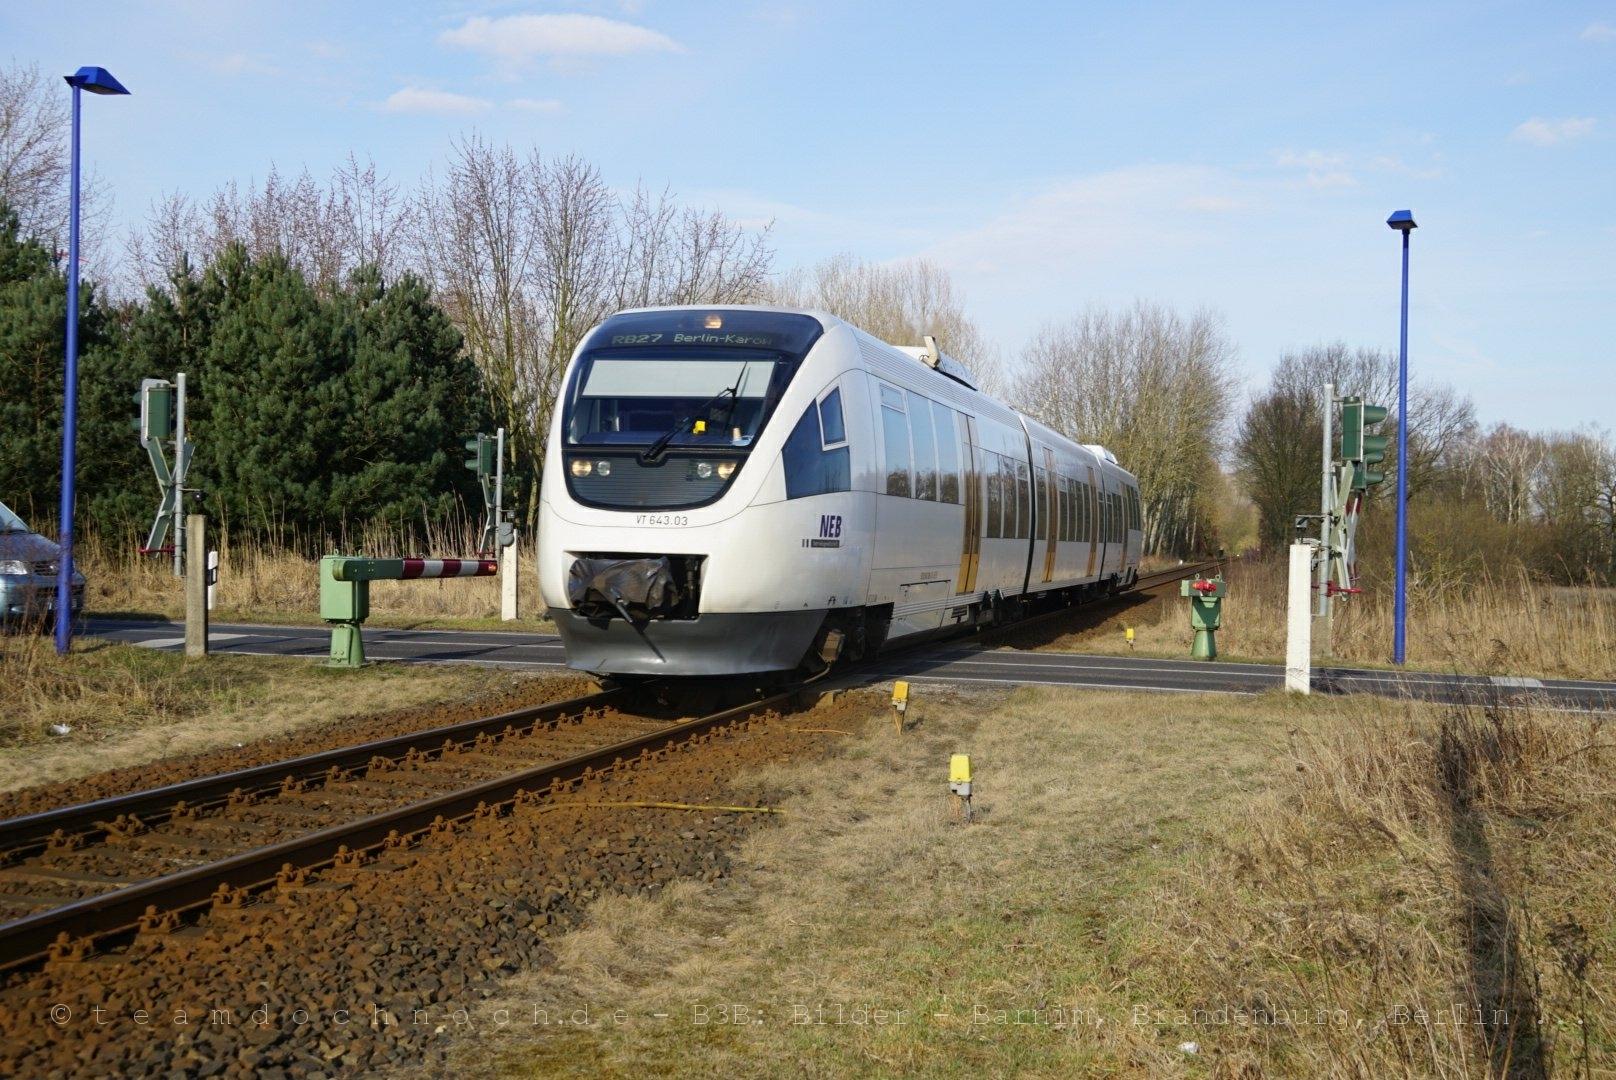 NEB VT 643.03 am Bahnübergang Hobrechtsfelder Chaussee